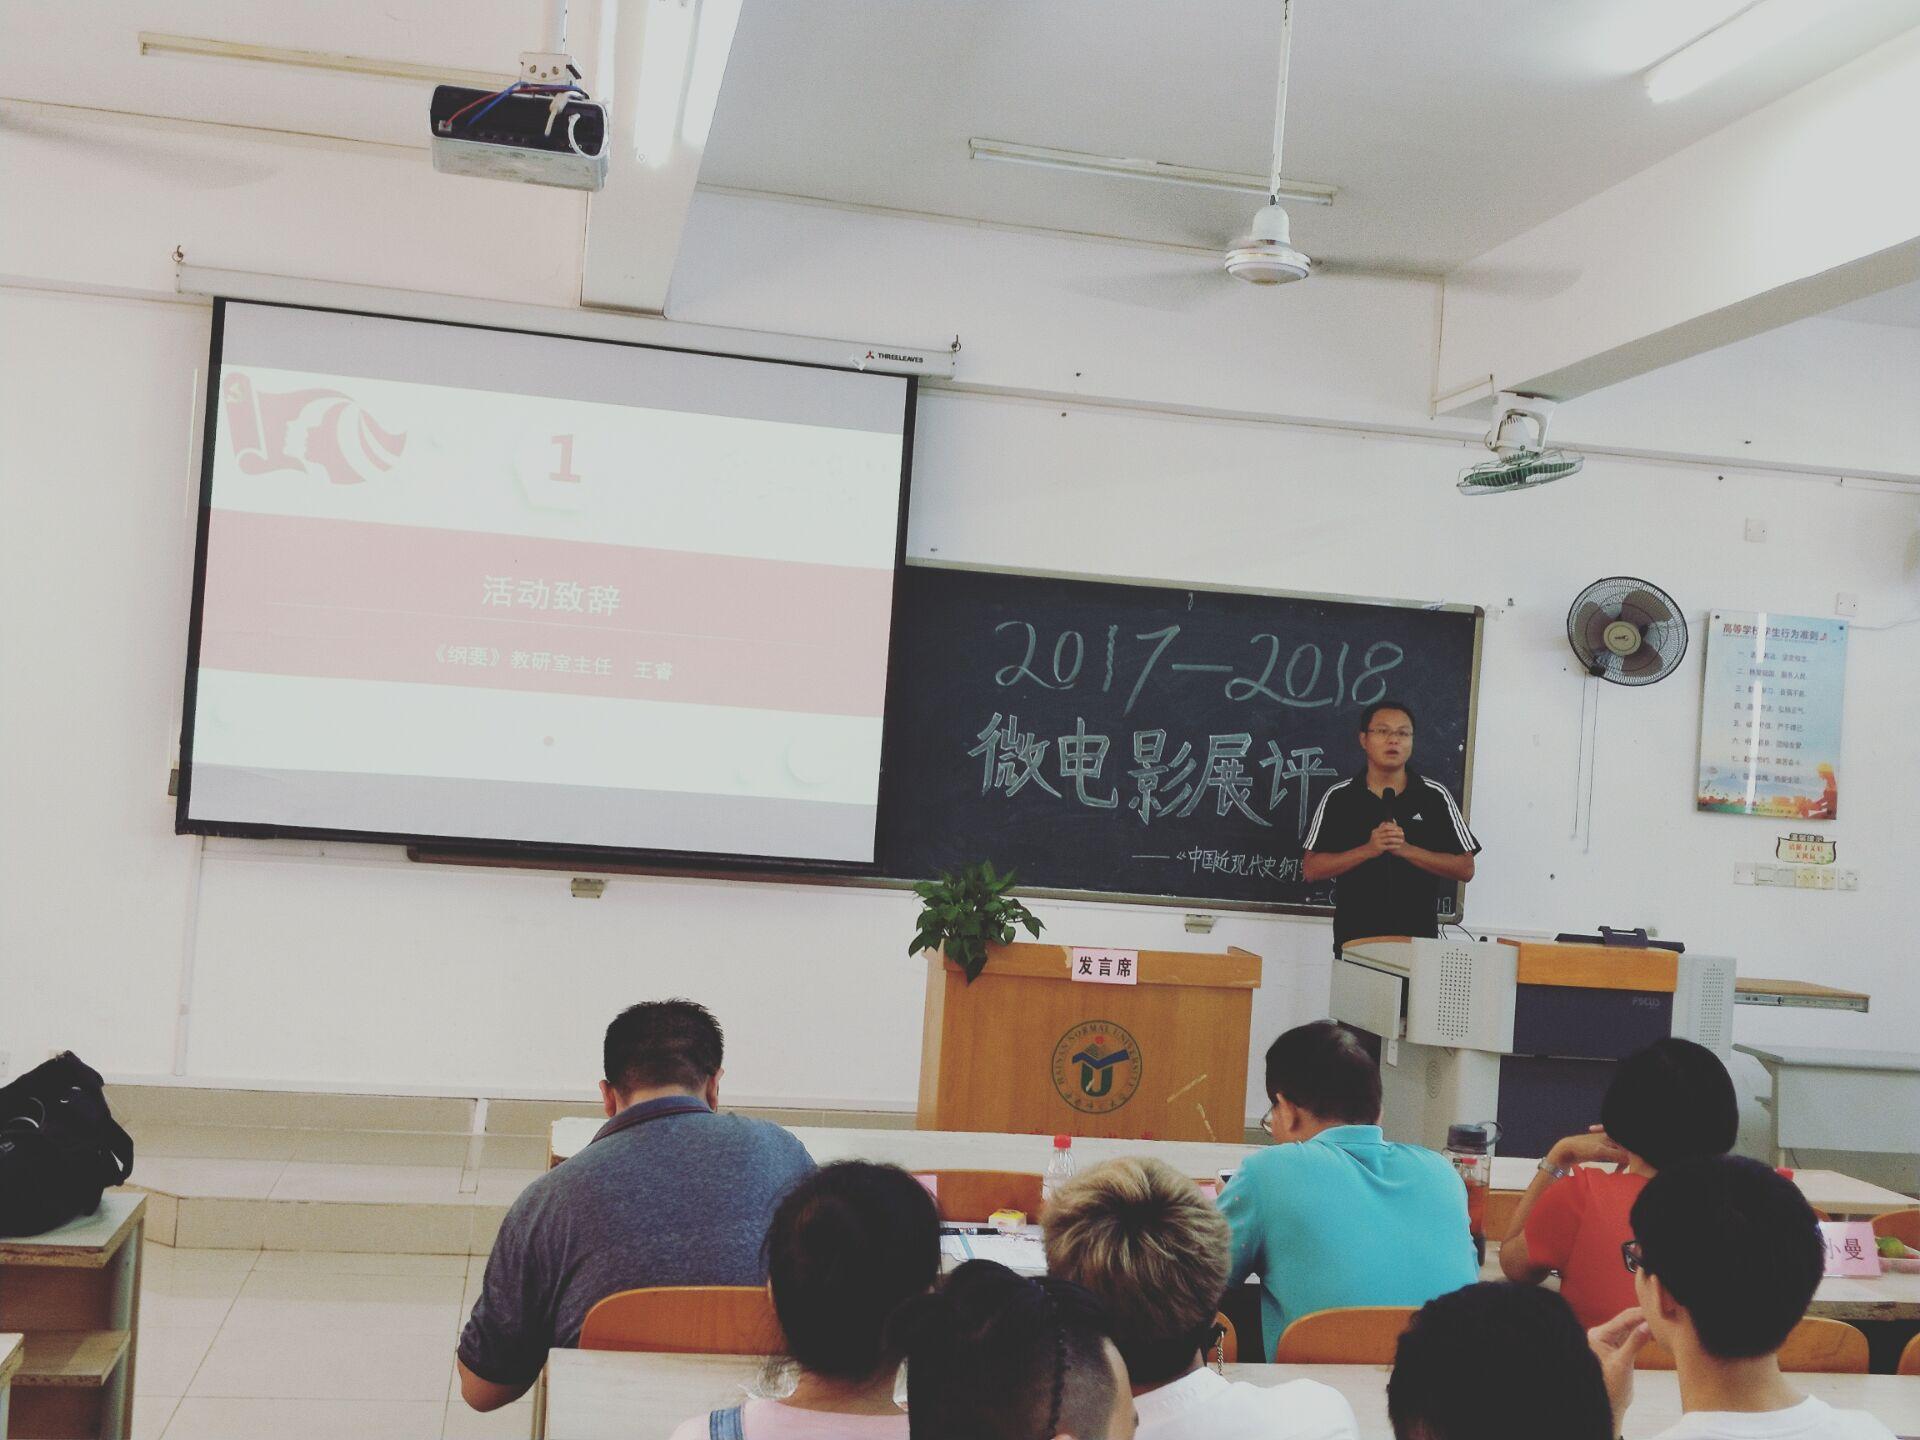 以史为本,再创佳绩――马克思主义学院中国近现代史微电影展评活动